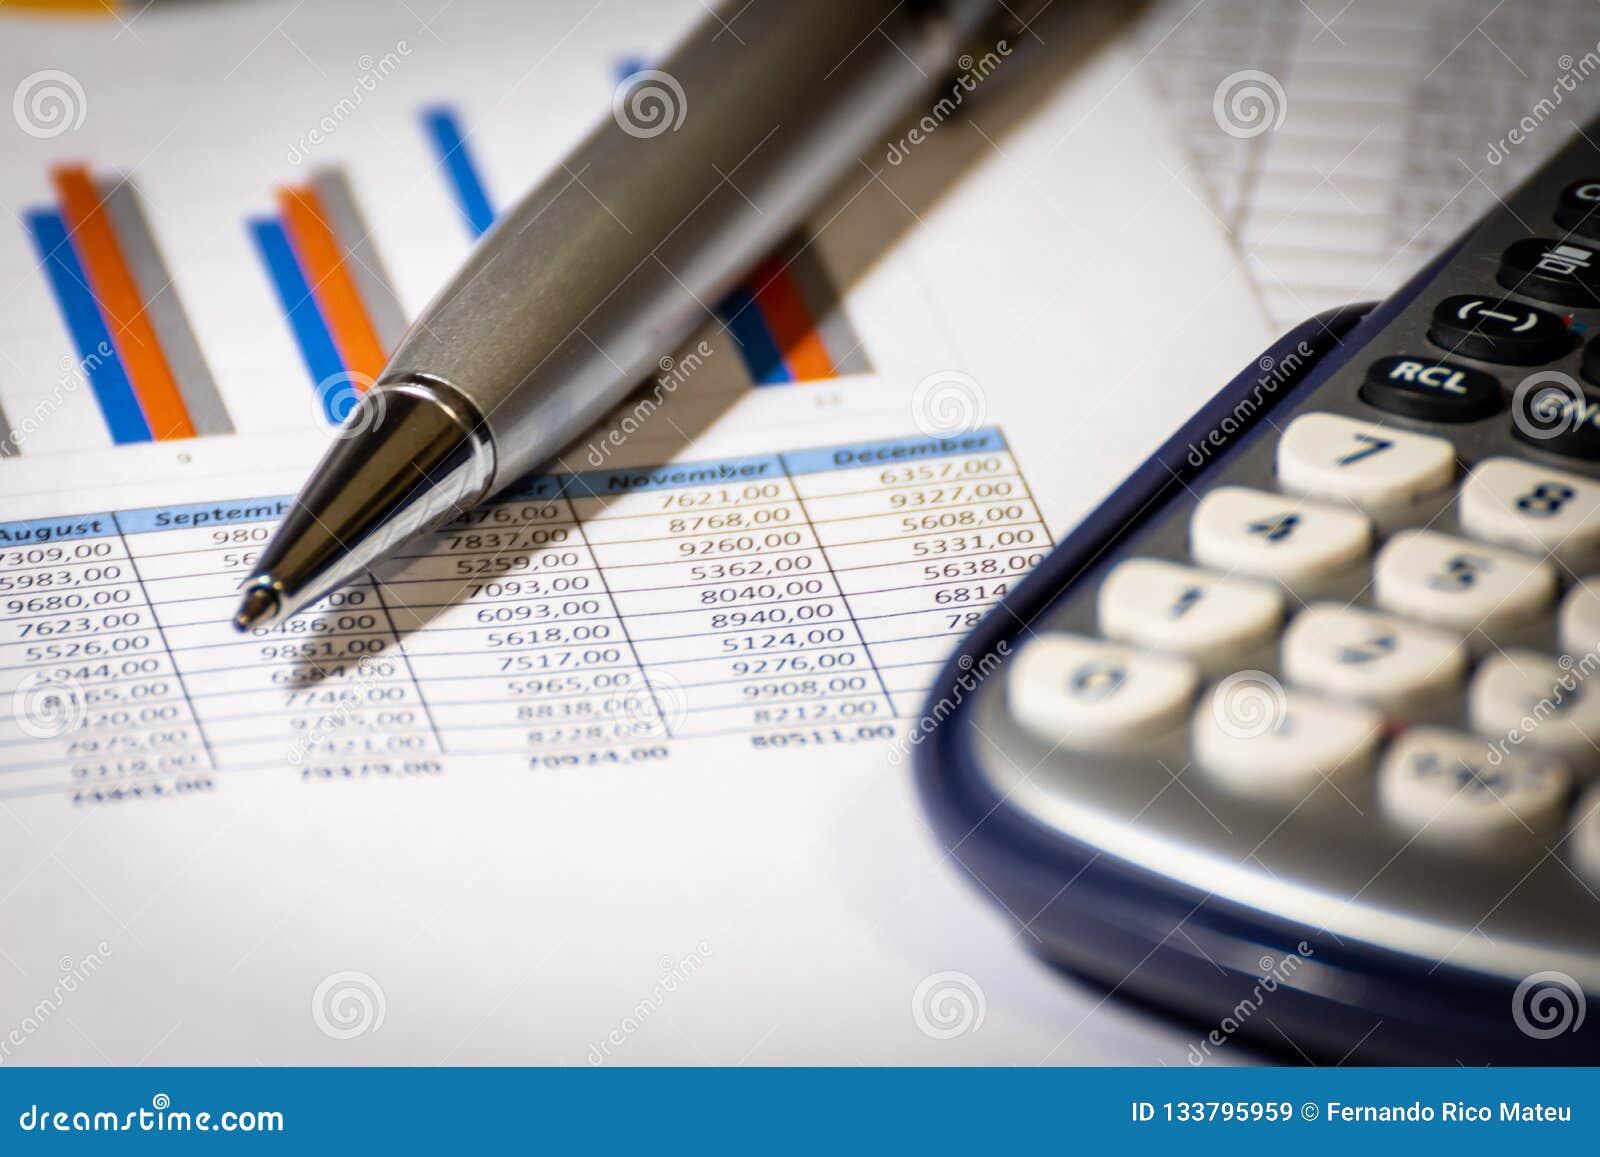 Χρηματοδότηση, προγραμματισμός επιχειρησιακών προϋπολογισμών και έννοια ανάλυσης, έκθεση γραφικών παραστάσεων με τον υπολογιστή σ